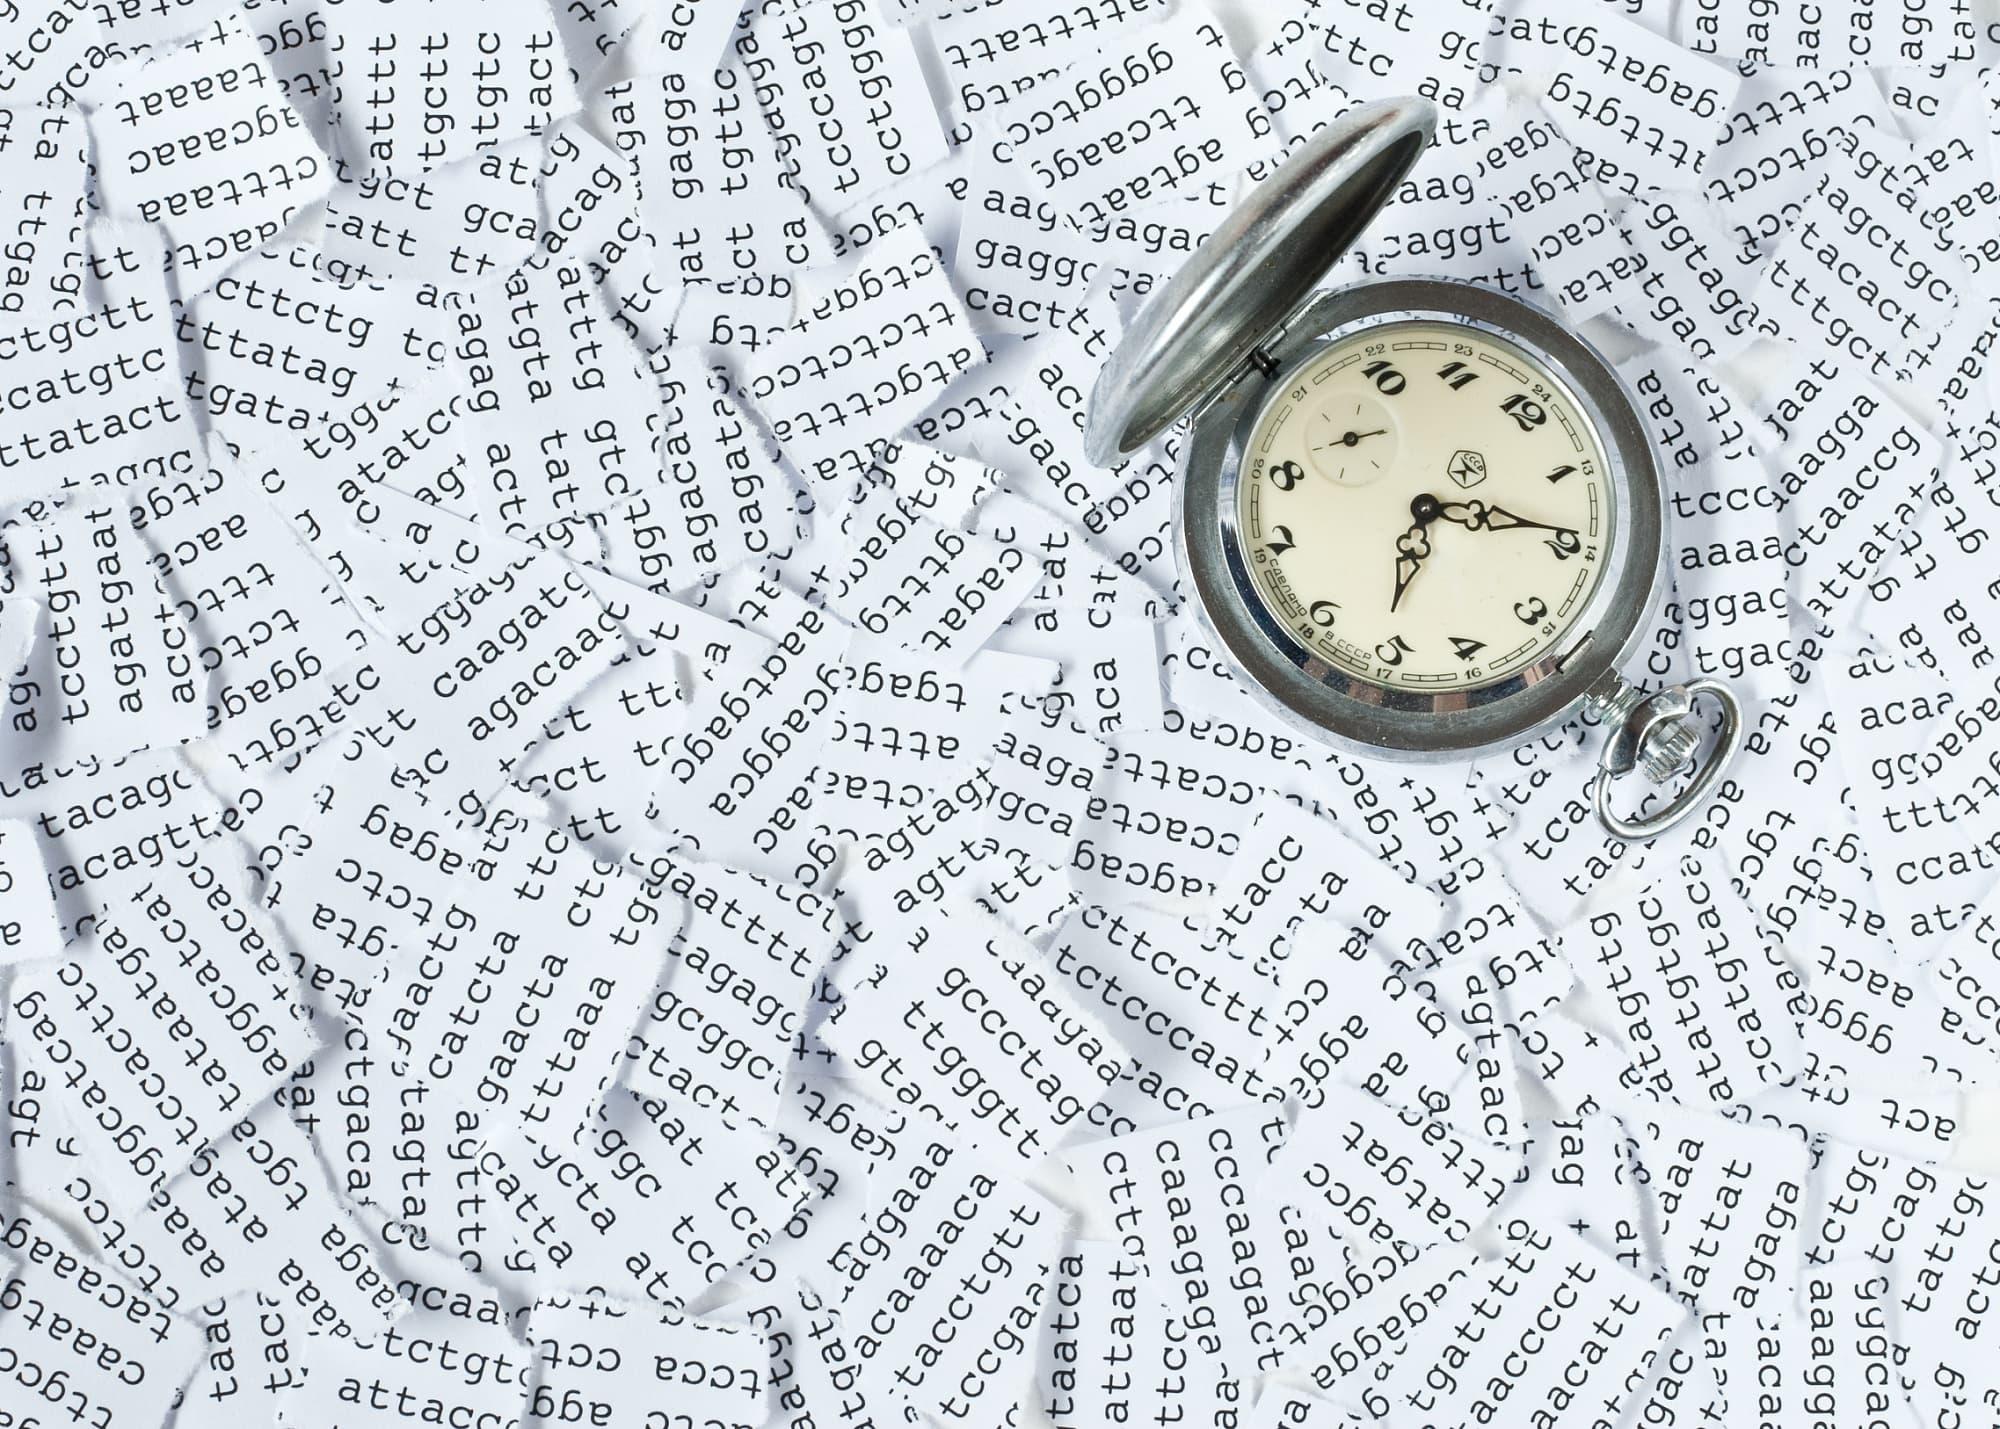 Epigenetische Uhr verrät unser Alter auf wenige Monate genau ...